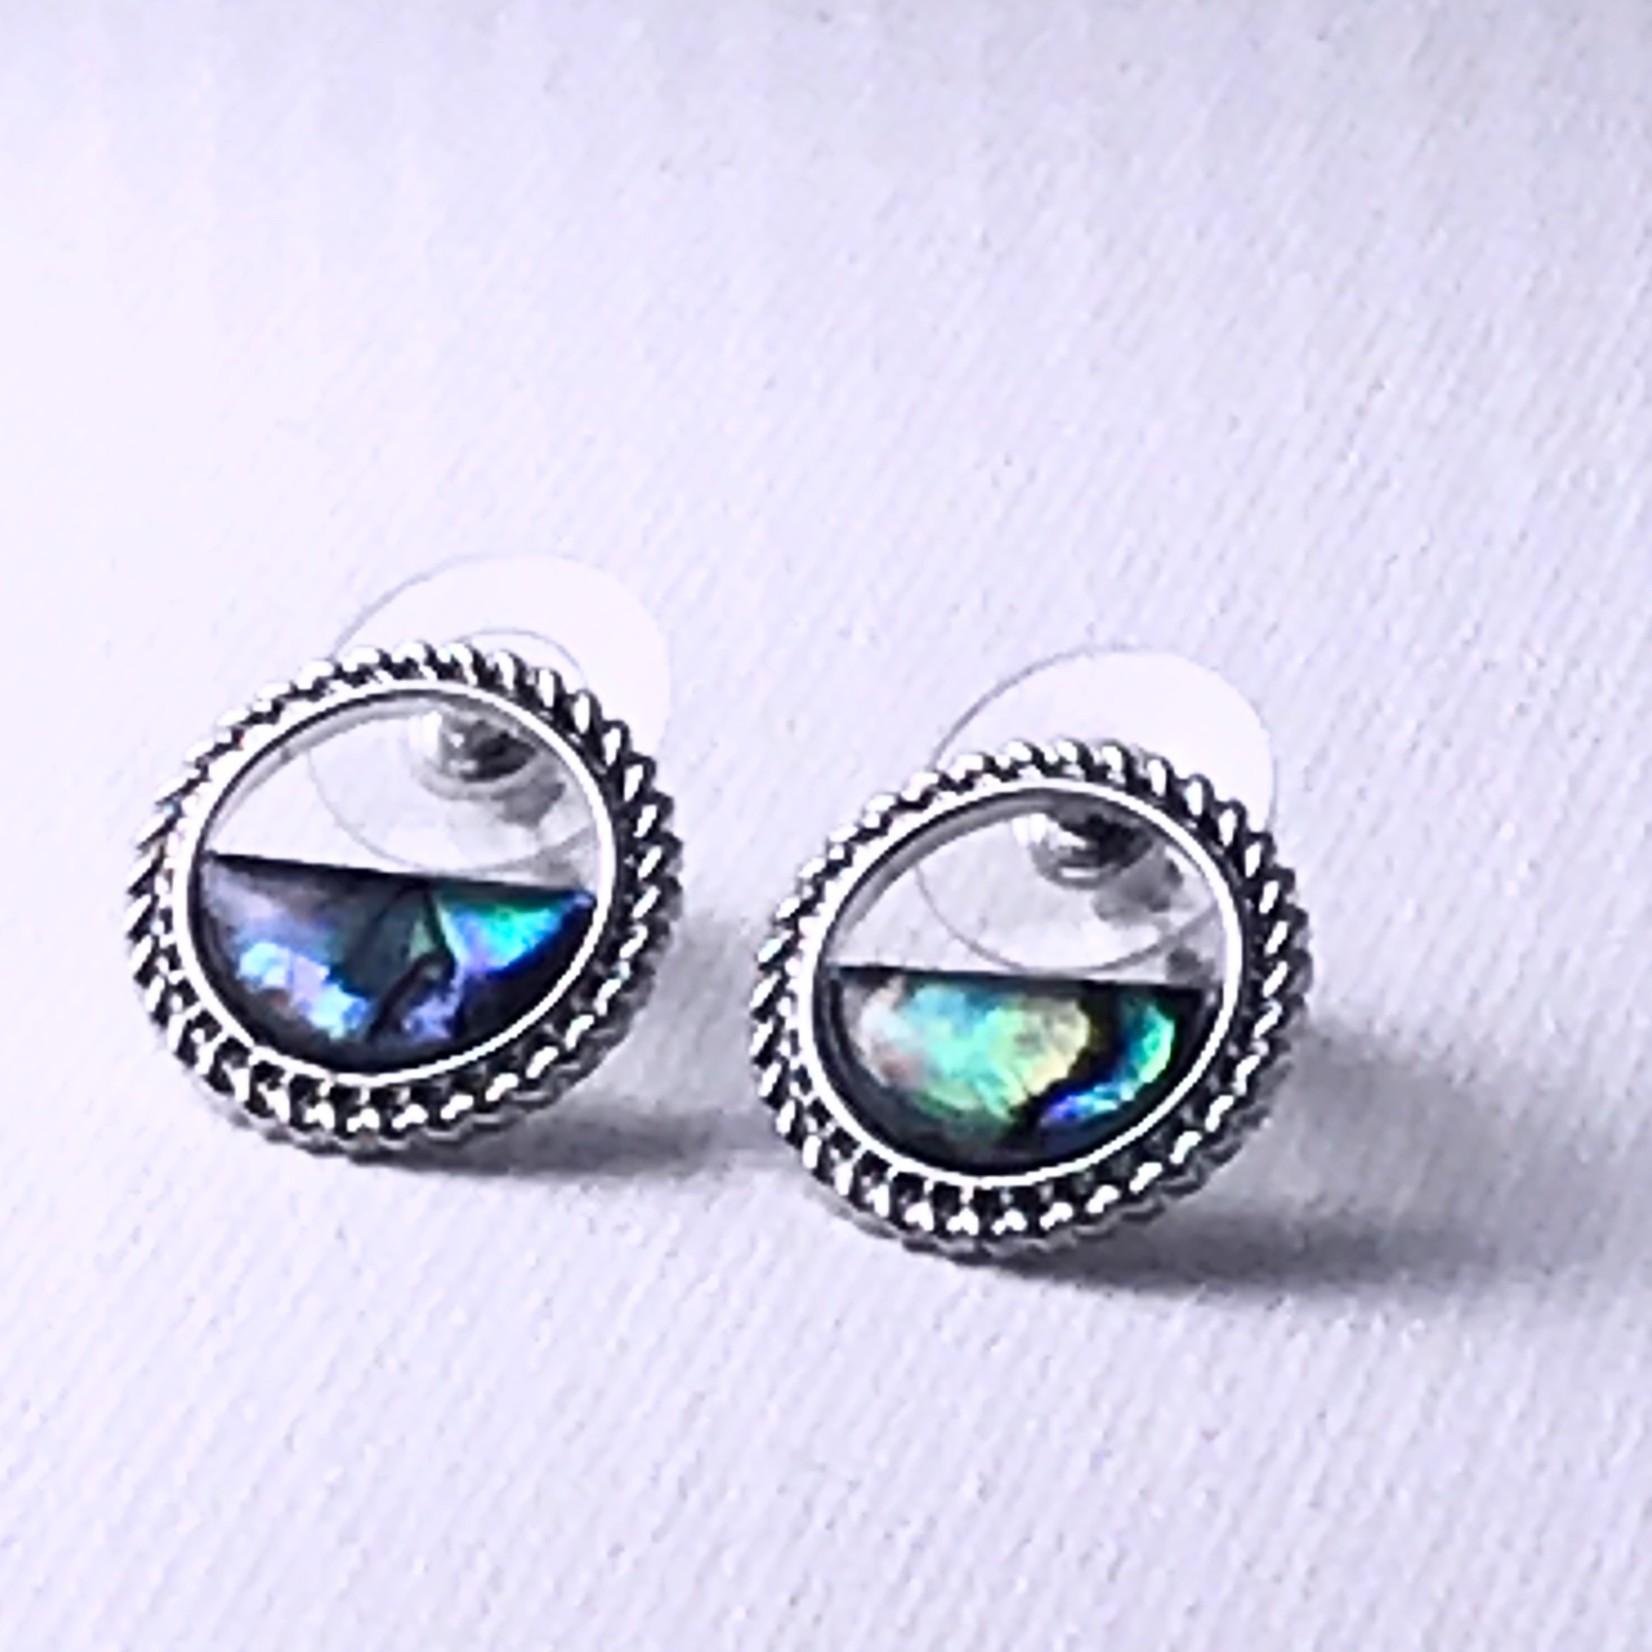 Biba zilverkleurige ronde oorringen half gevuld met blauw/groen